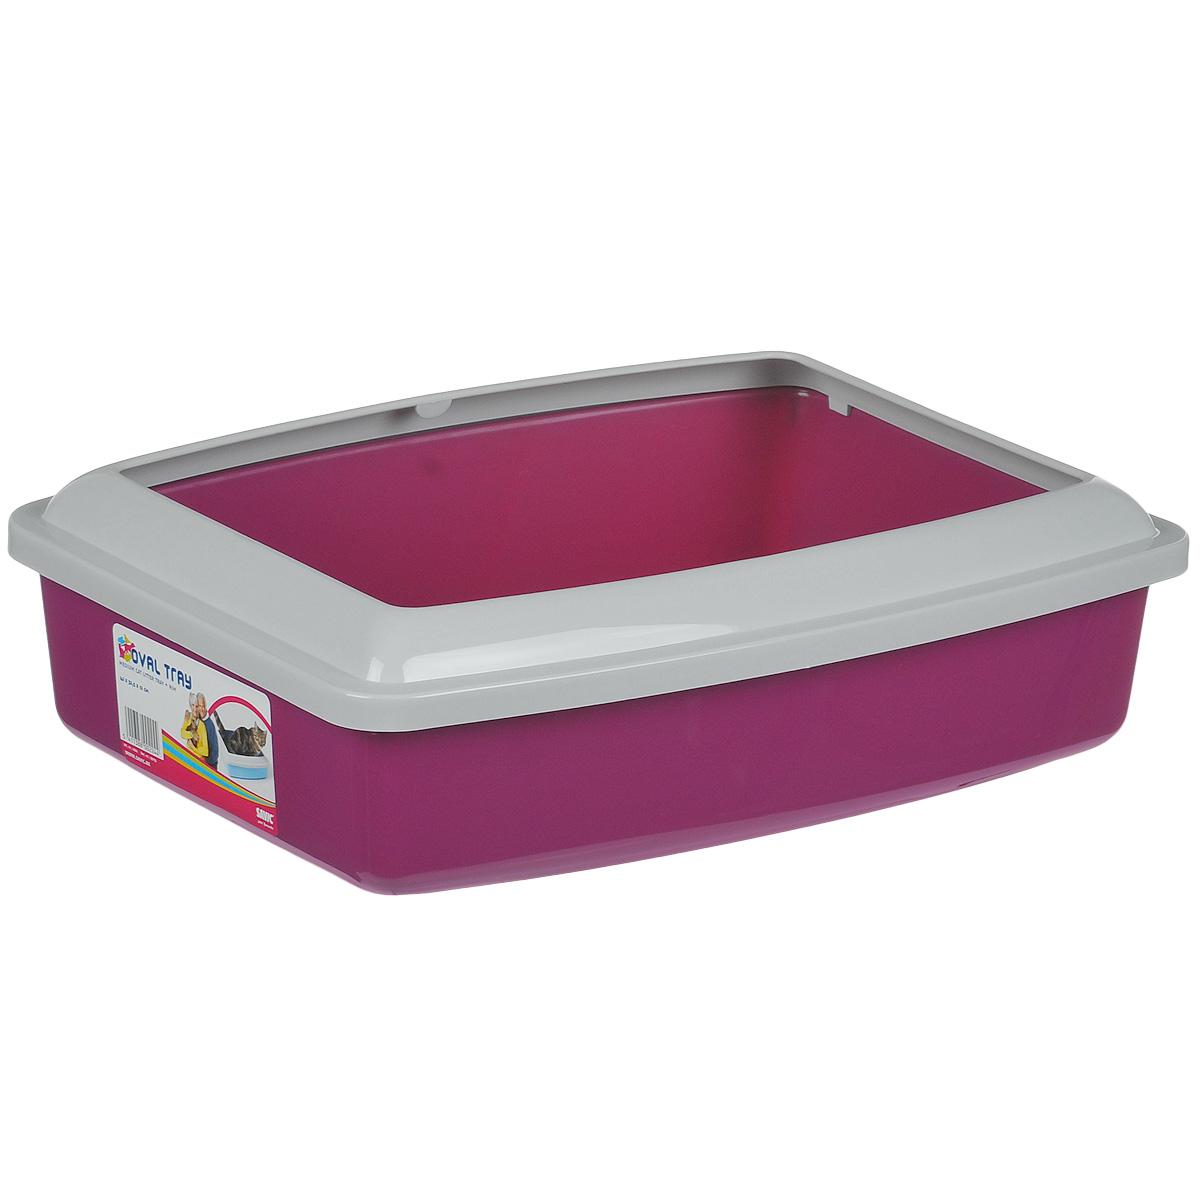 Туалет для кошек Savic Oval Trey Medium, с бортом, цвет: малиновый, 42 см х 33 см14208(0224)Туалет для кошек Savic Oval Trey Medium изготовлен из качественного прочного пластика. Высокий цветной борт, прикрепленный по периметру лотка, удобно защелкивается и предотвращает разбрасывание наполнителя. Это самый простой в употреблении предмет обихода для кошек и котов.